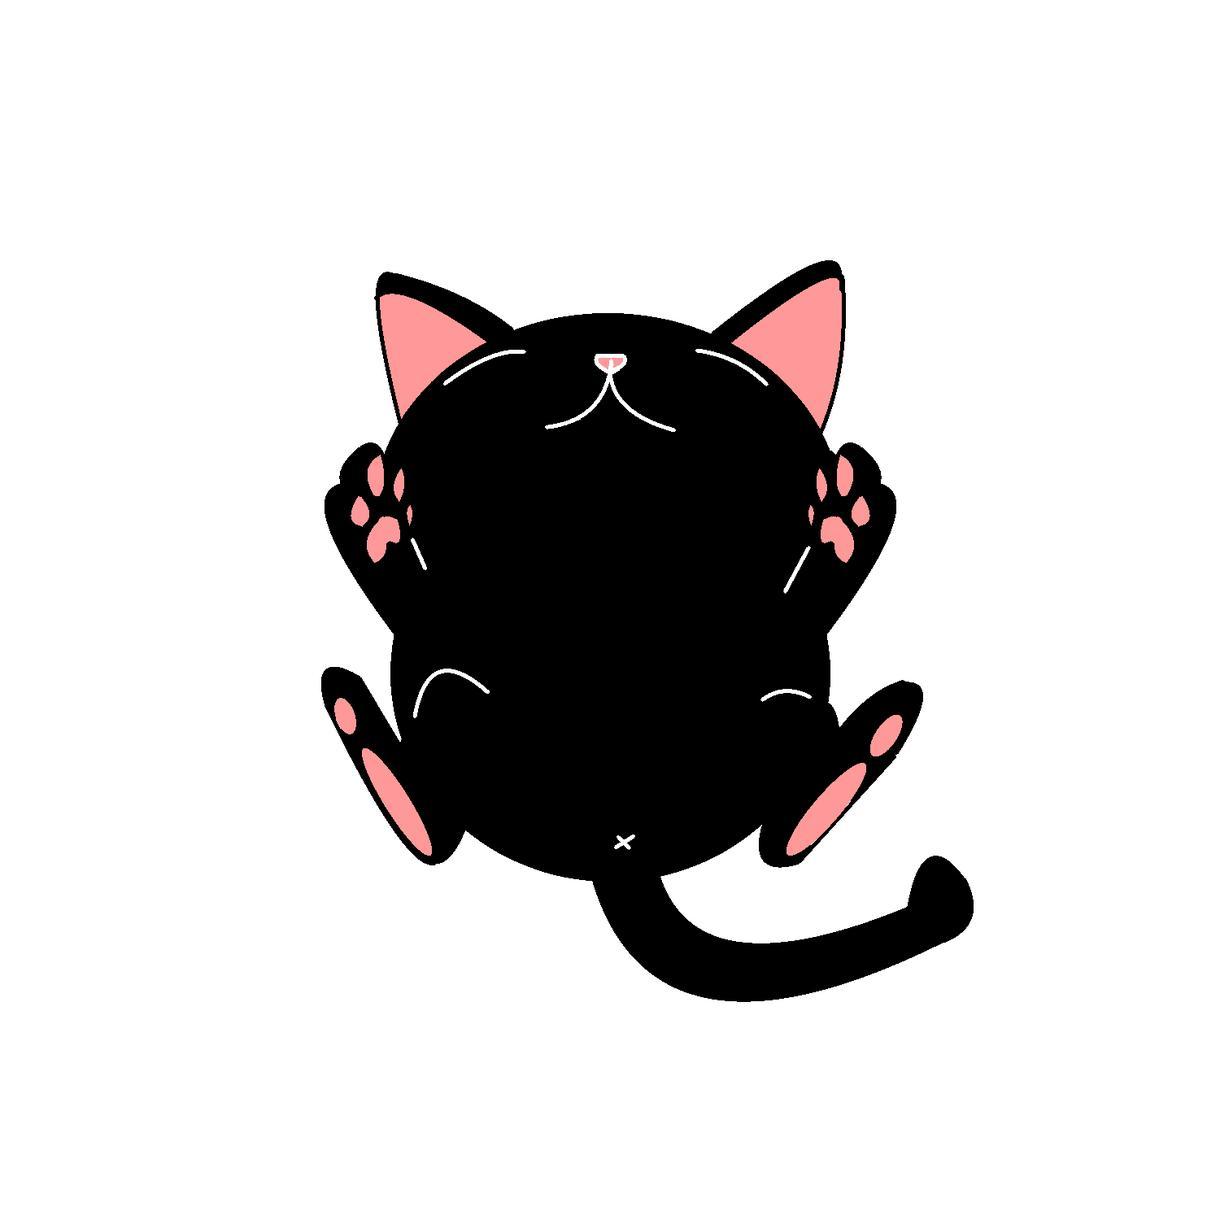 ねこイラストでます 白猫黒猫のあおむけまったりイラスト イメージ1